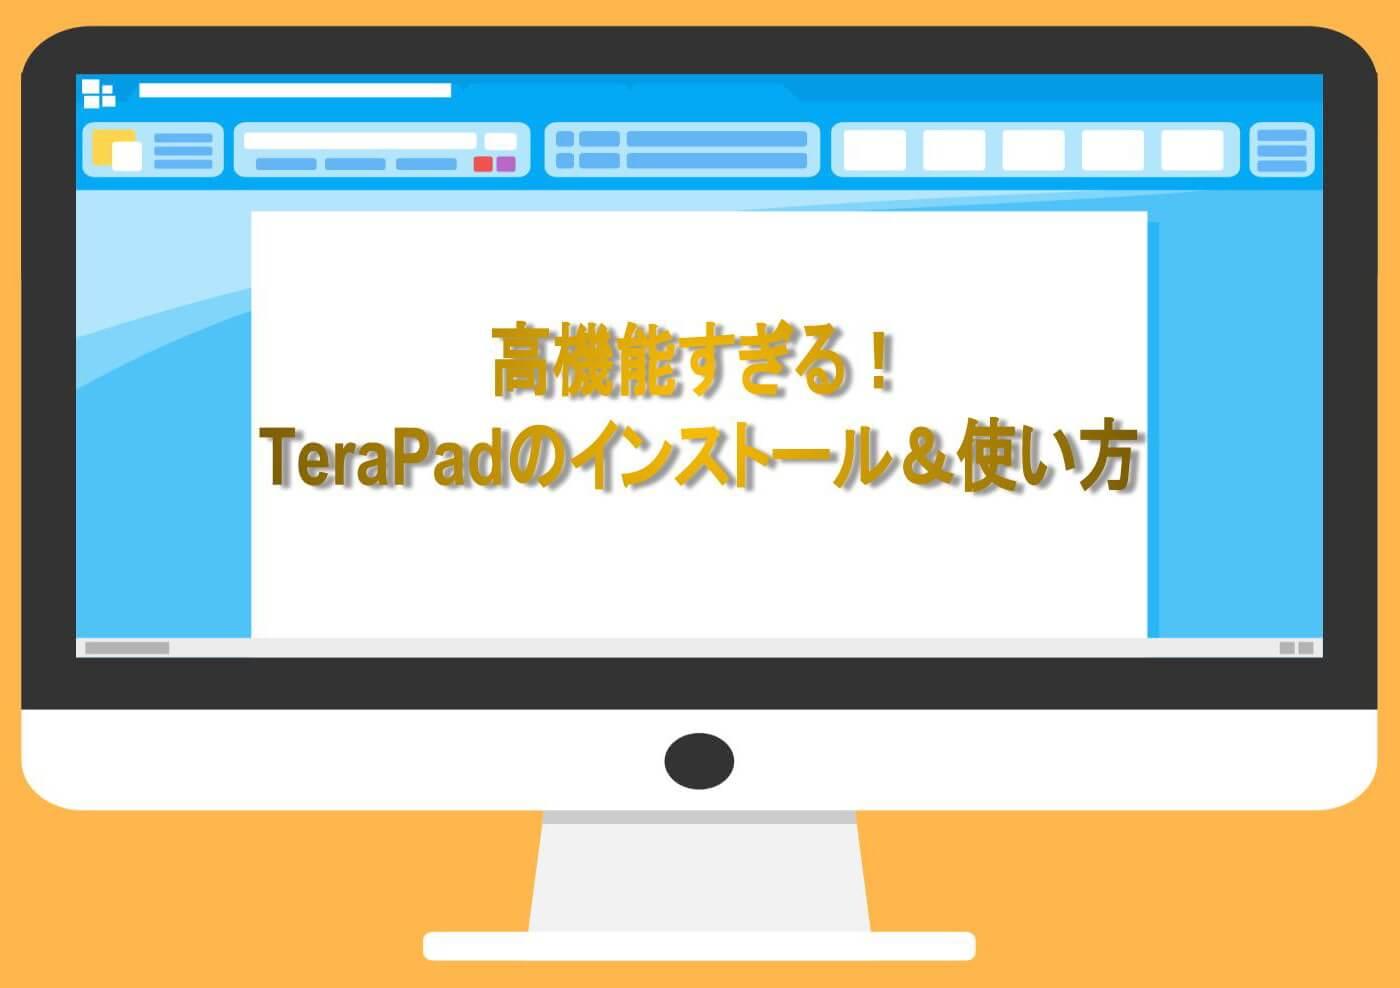 高機能すぎる! TeraPadのインストール&使い方